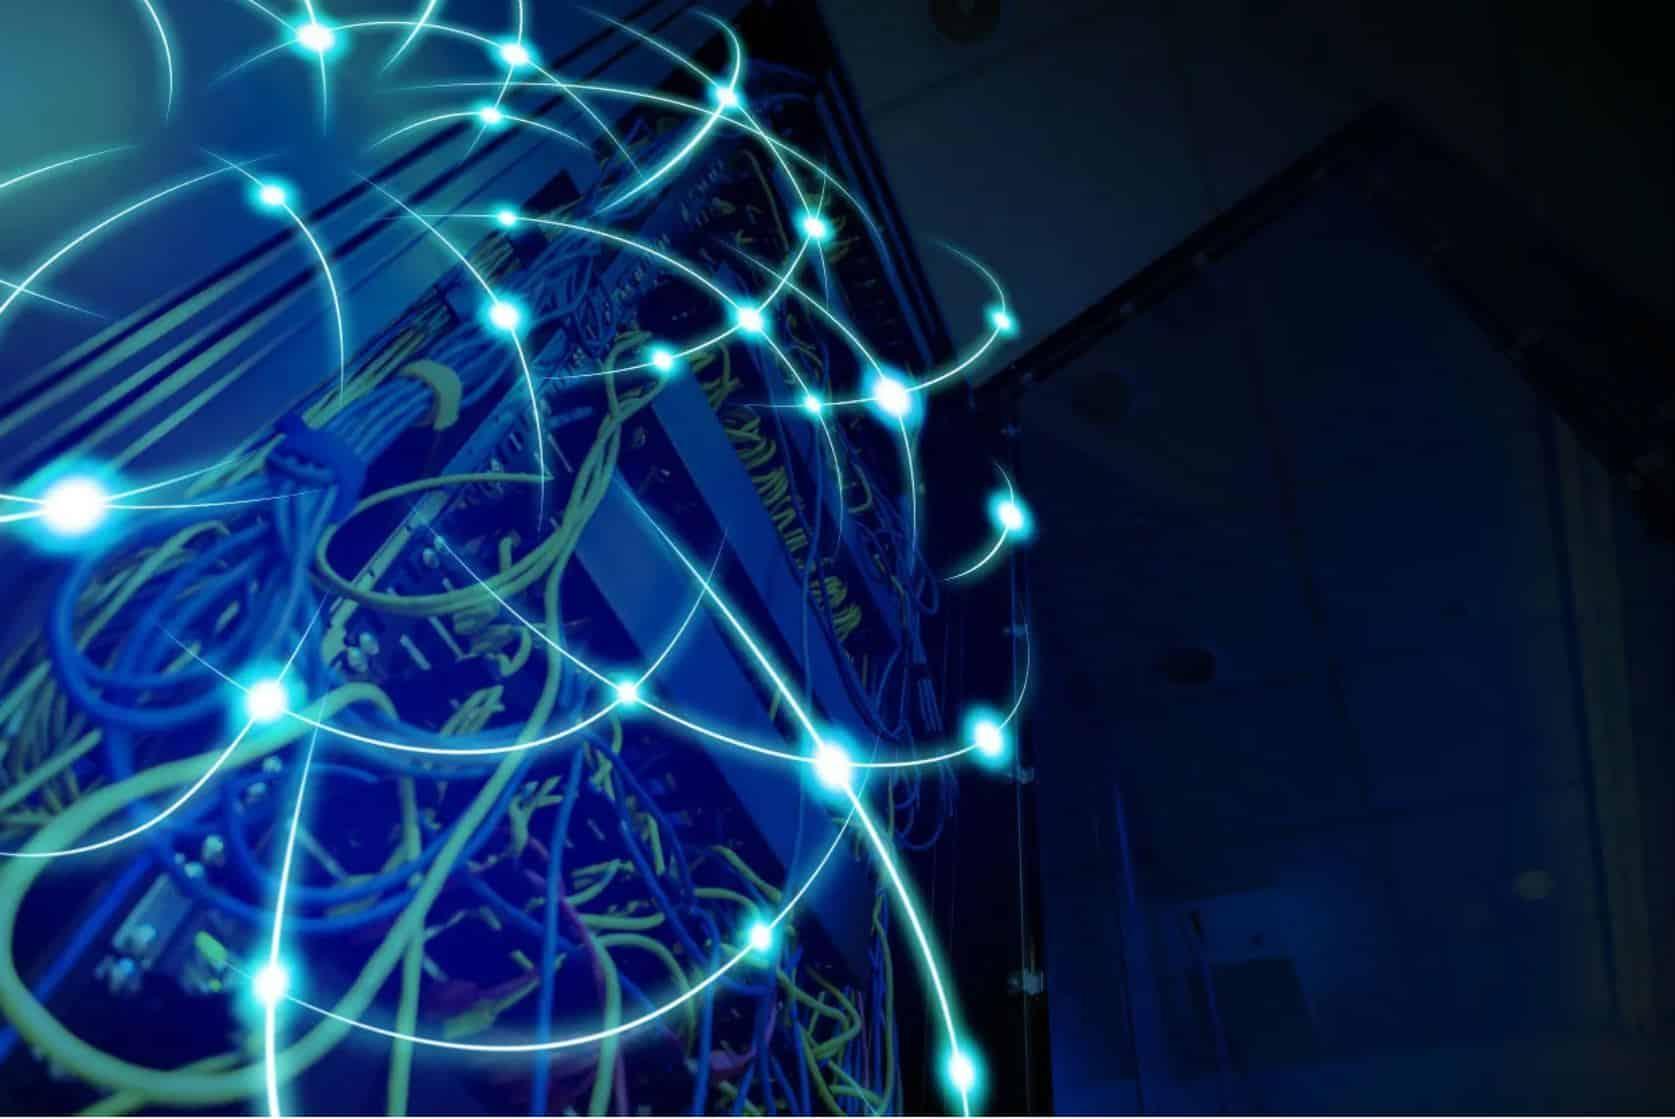 Protocolos de redes: una guía completa con todos los protocolos básicos 2